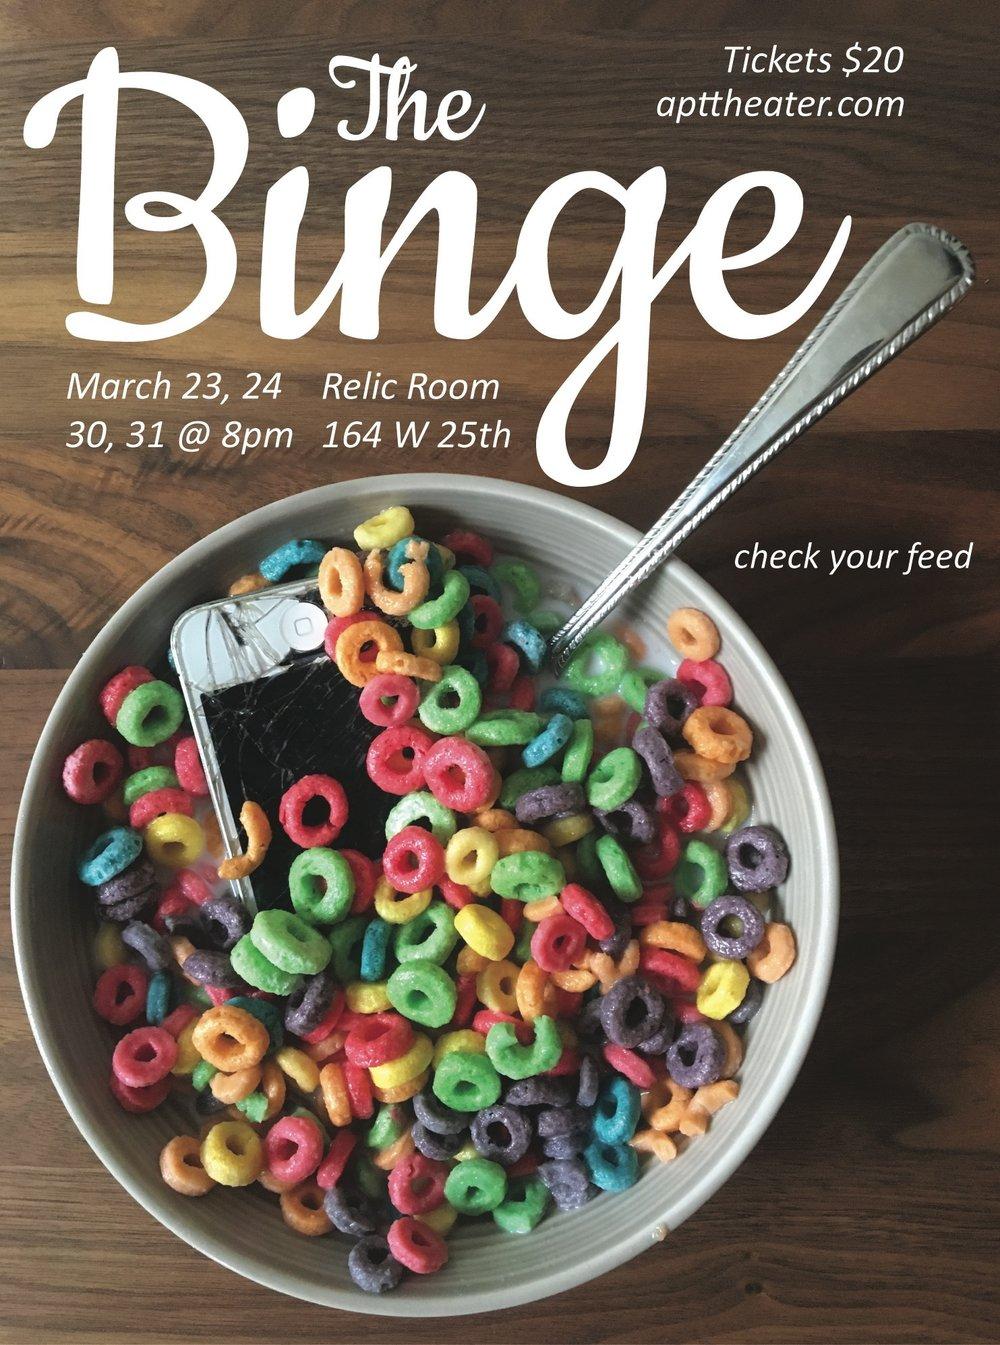 Binge Poster 2.jpg